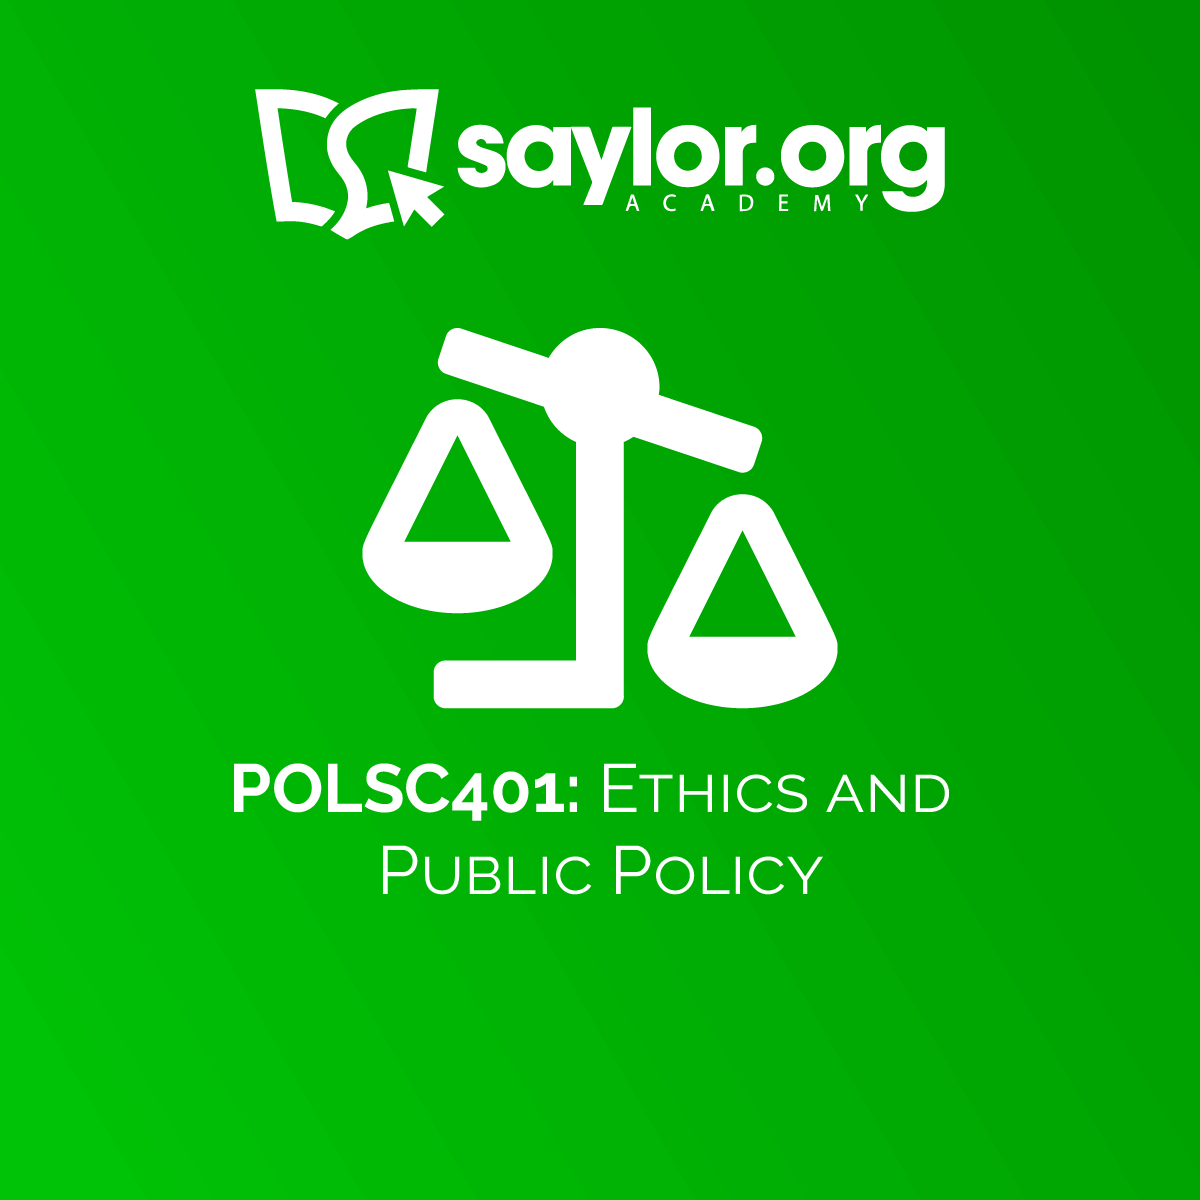 POLSC401: Ethics and Public Policy | Saylor Academy